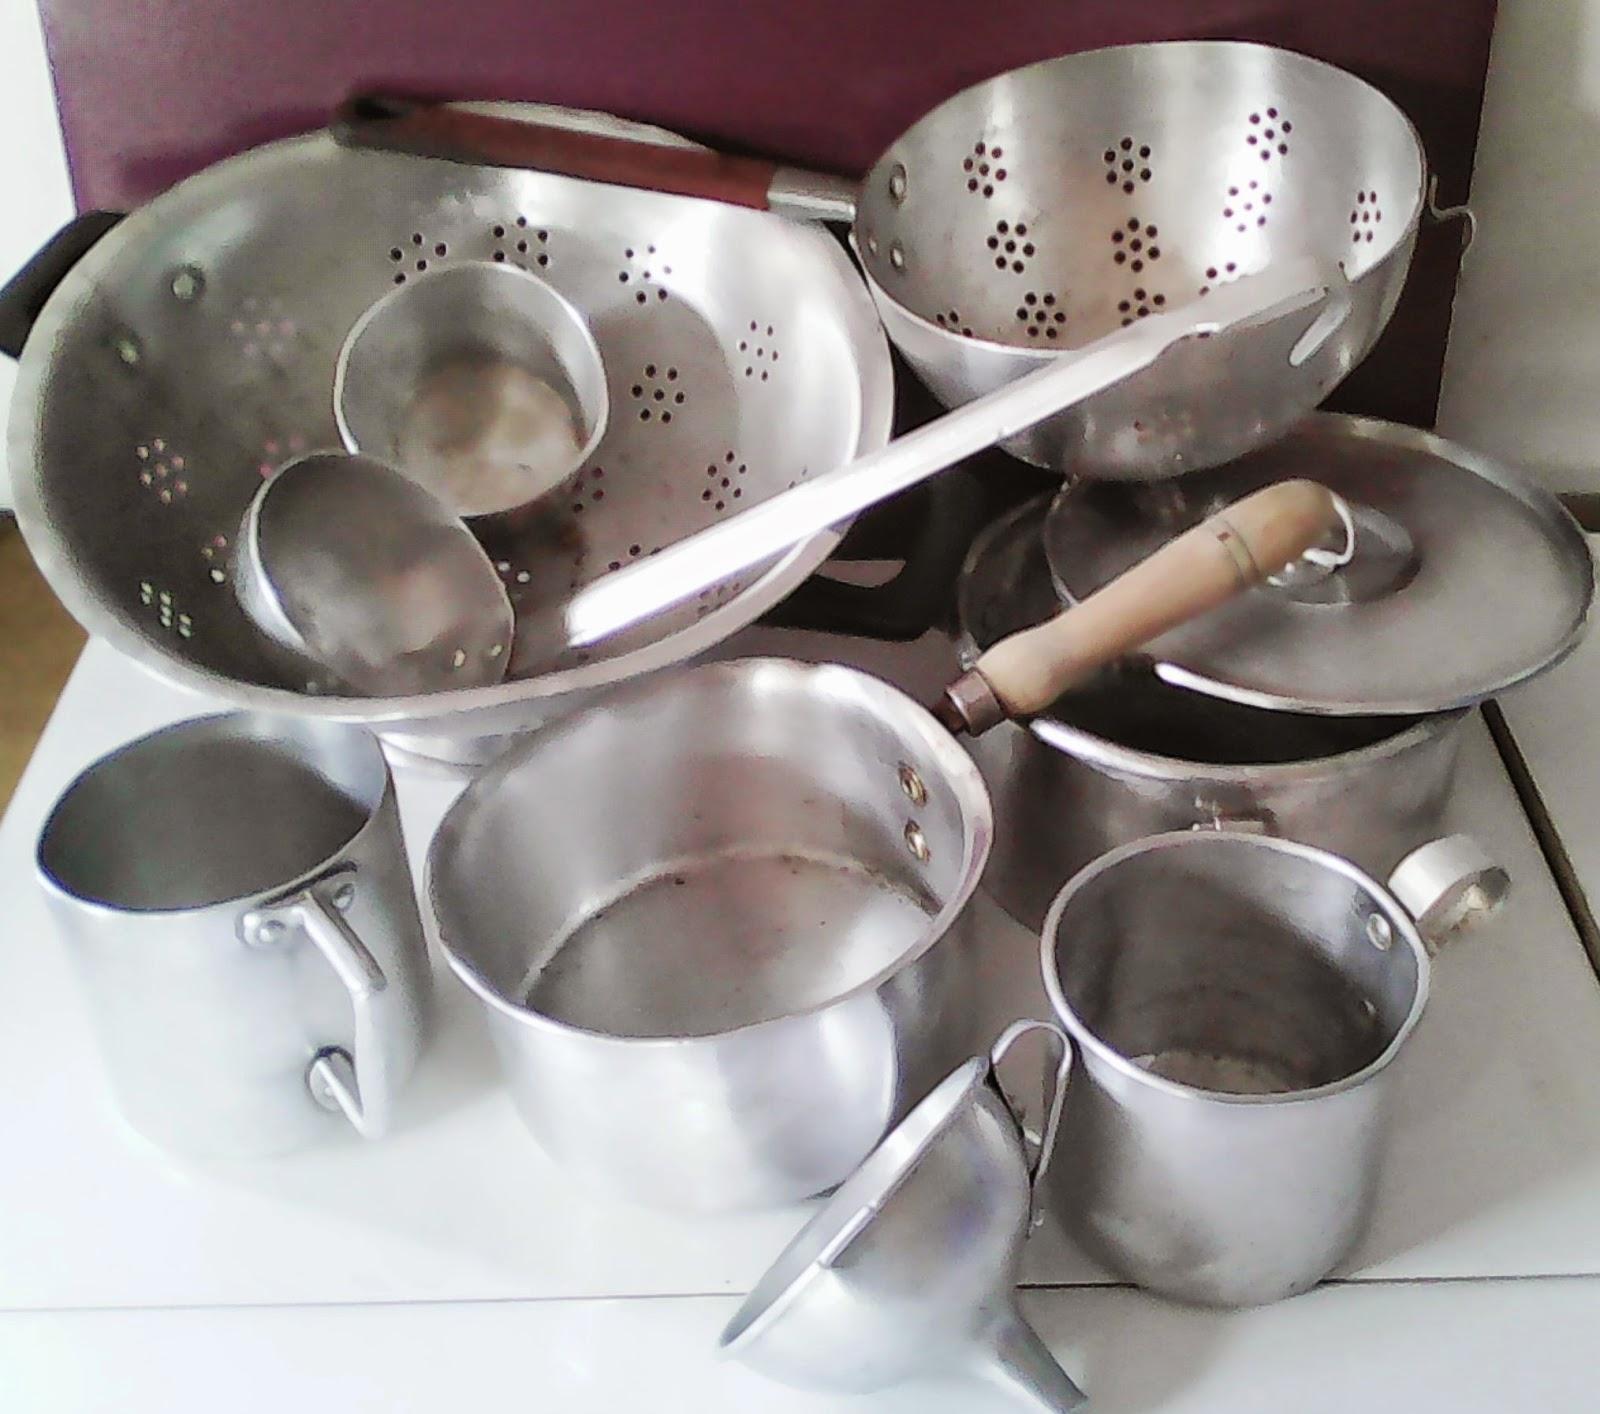 lote utensilios de cocina de aluminio antiguos ideal para decoracin en cocinas rsticas o modernas escurridor colador con tapa